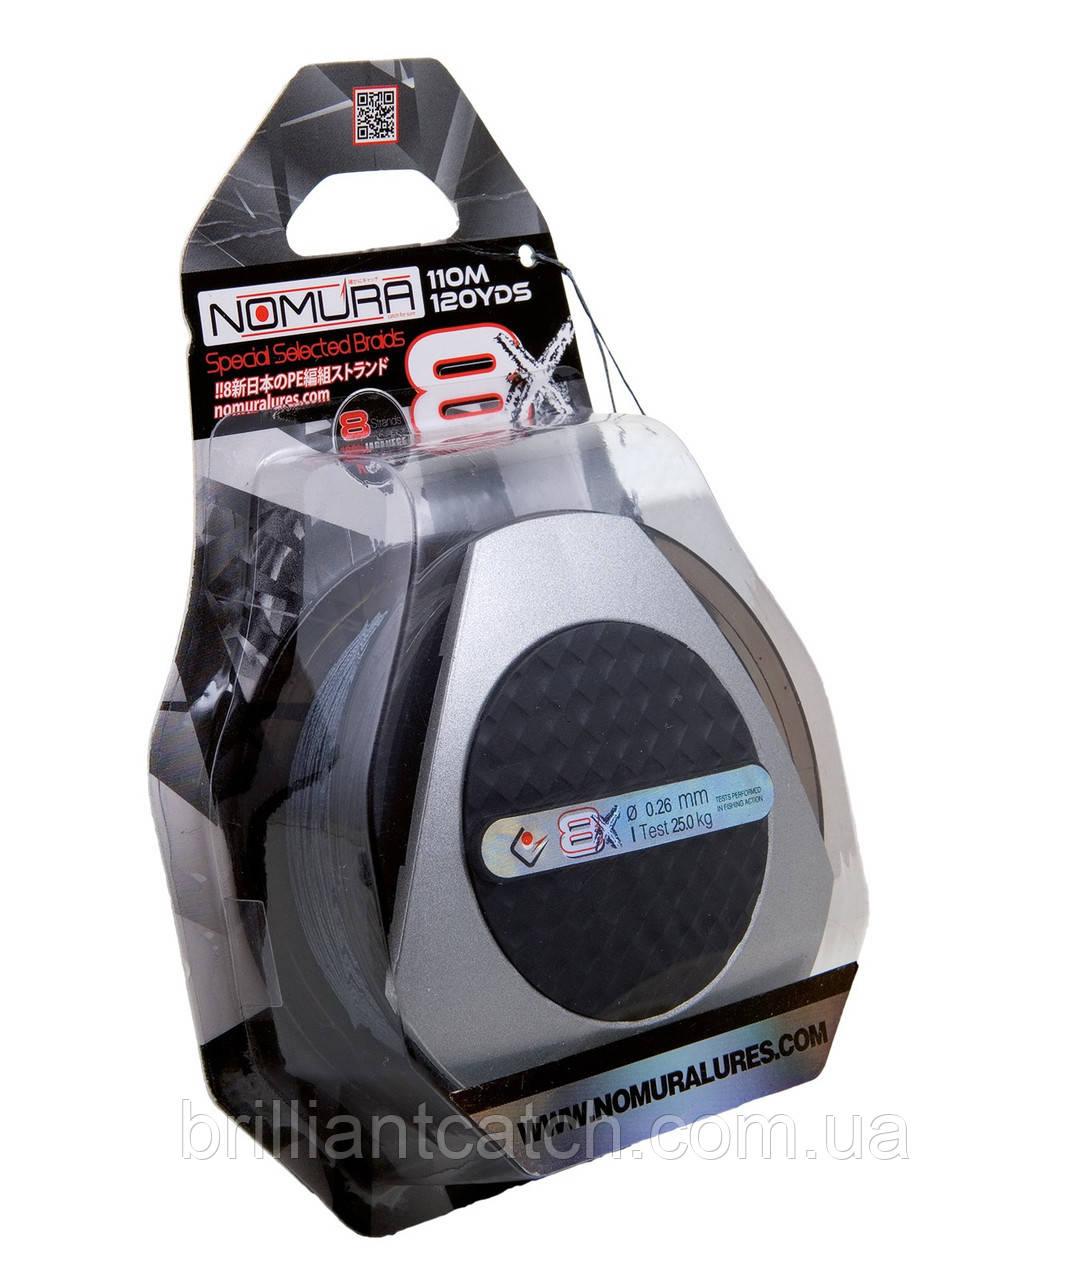 Шнур Nomura Sensum 8X Braid 110м(120yds)  0.26мм  25кг  цвет-gray (серый)